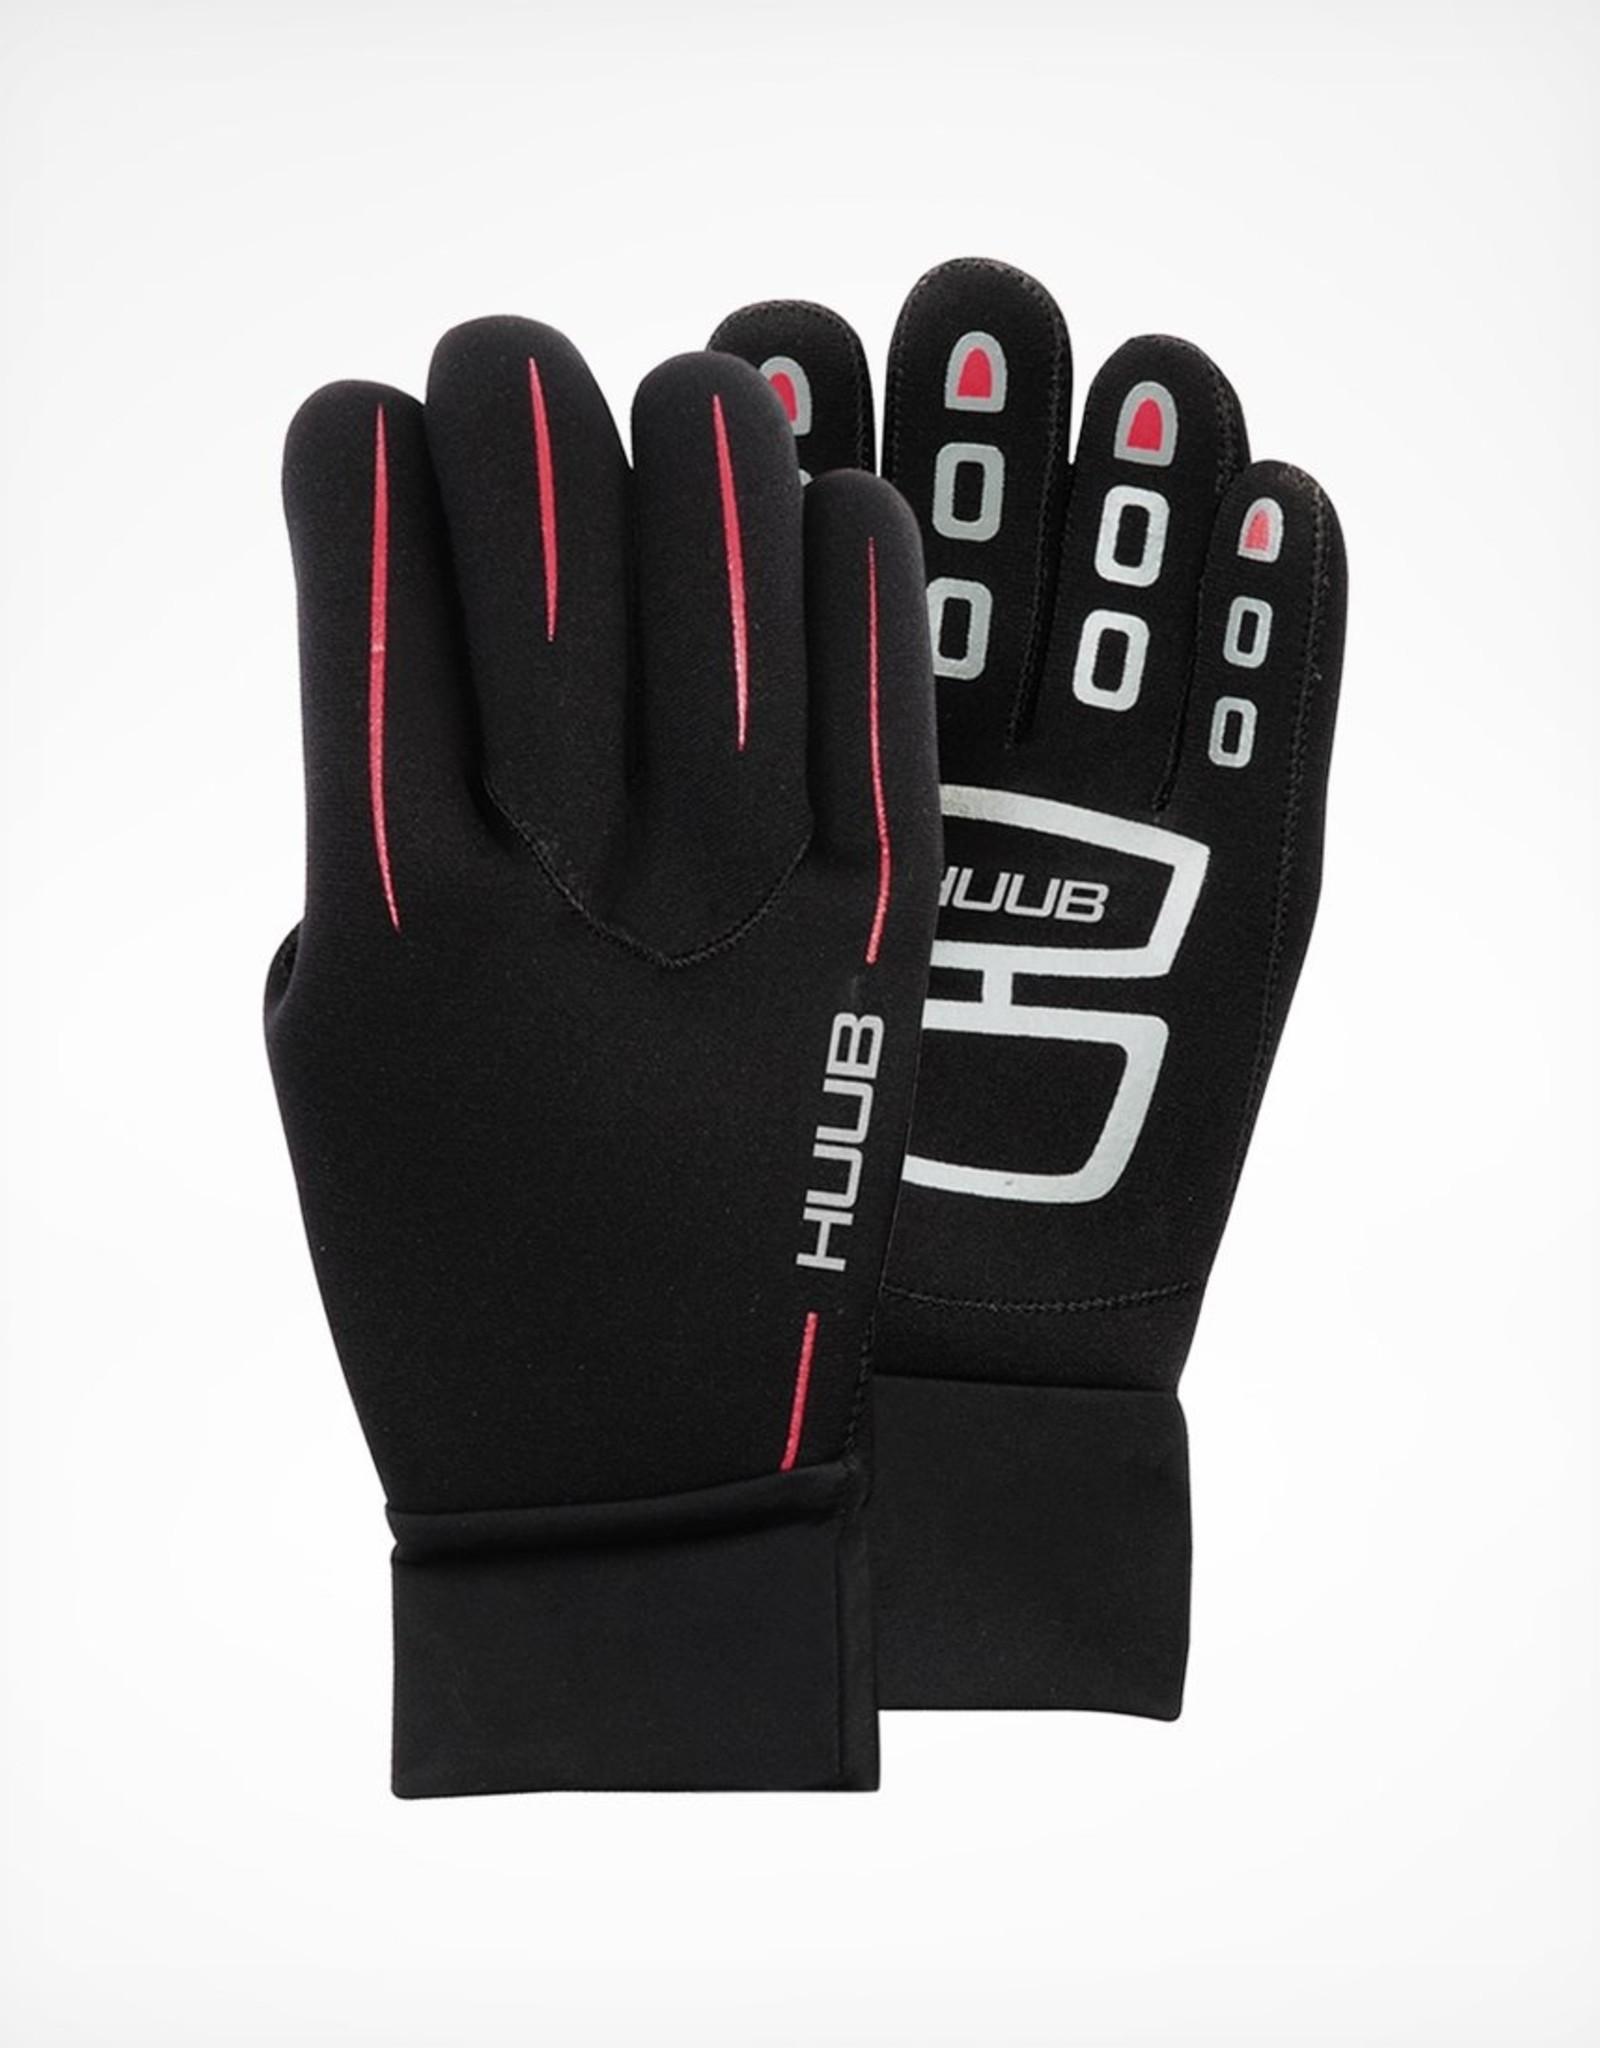 Huub Neoprene Swim Glove